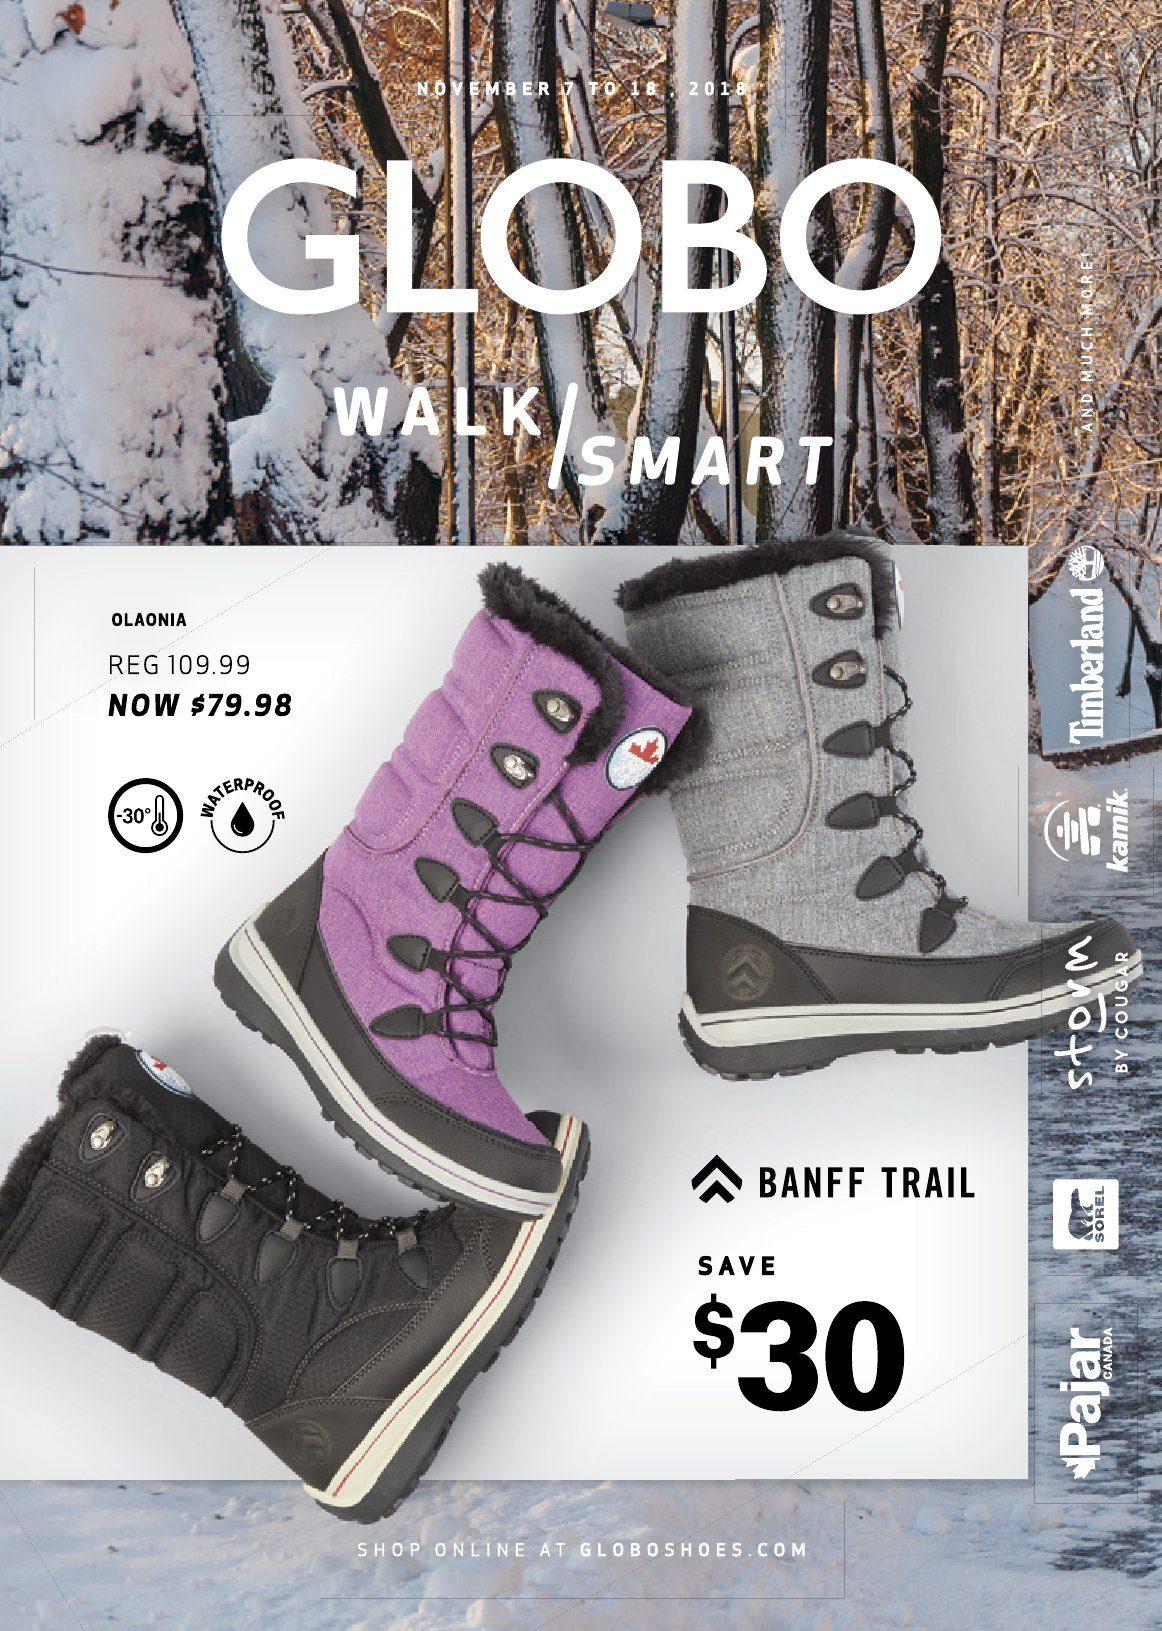 Walk Smart - Globo Shoes November